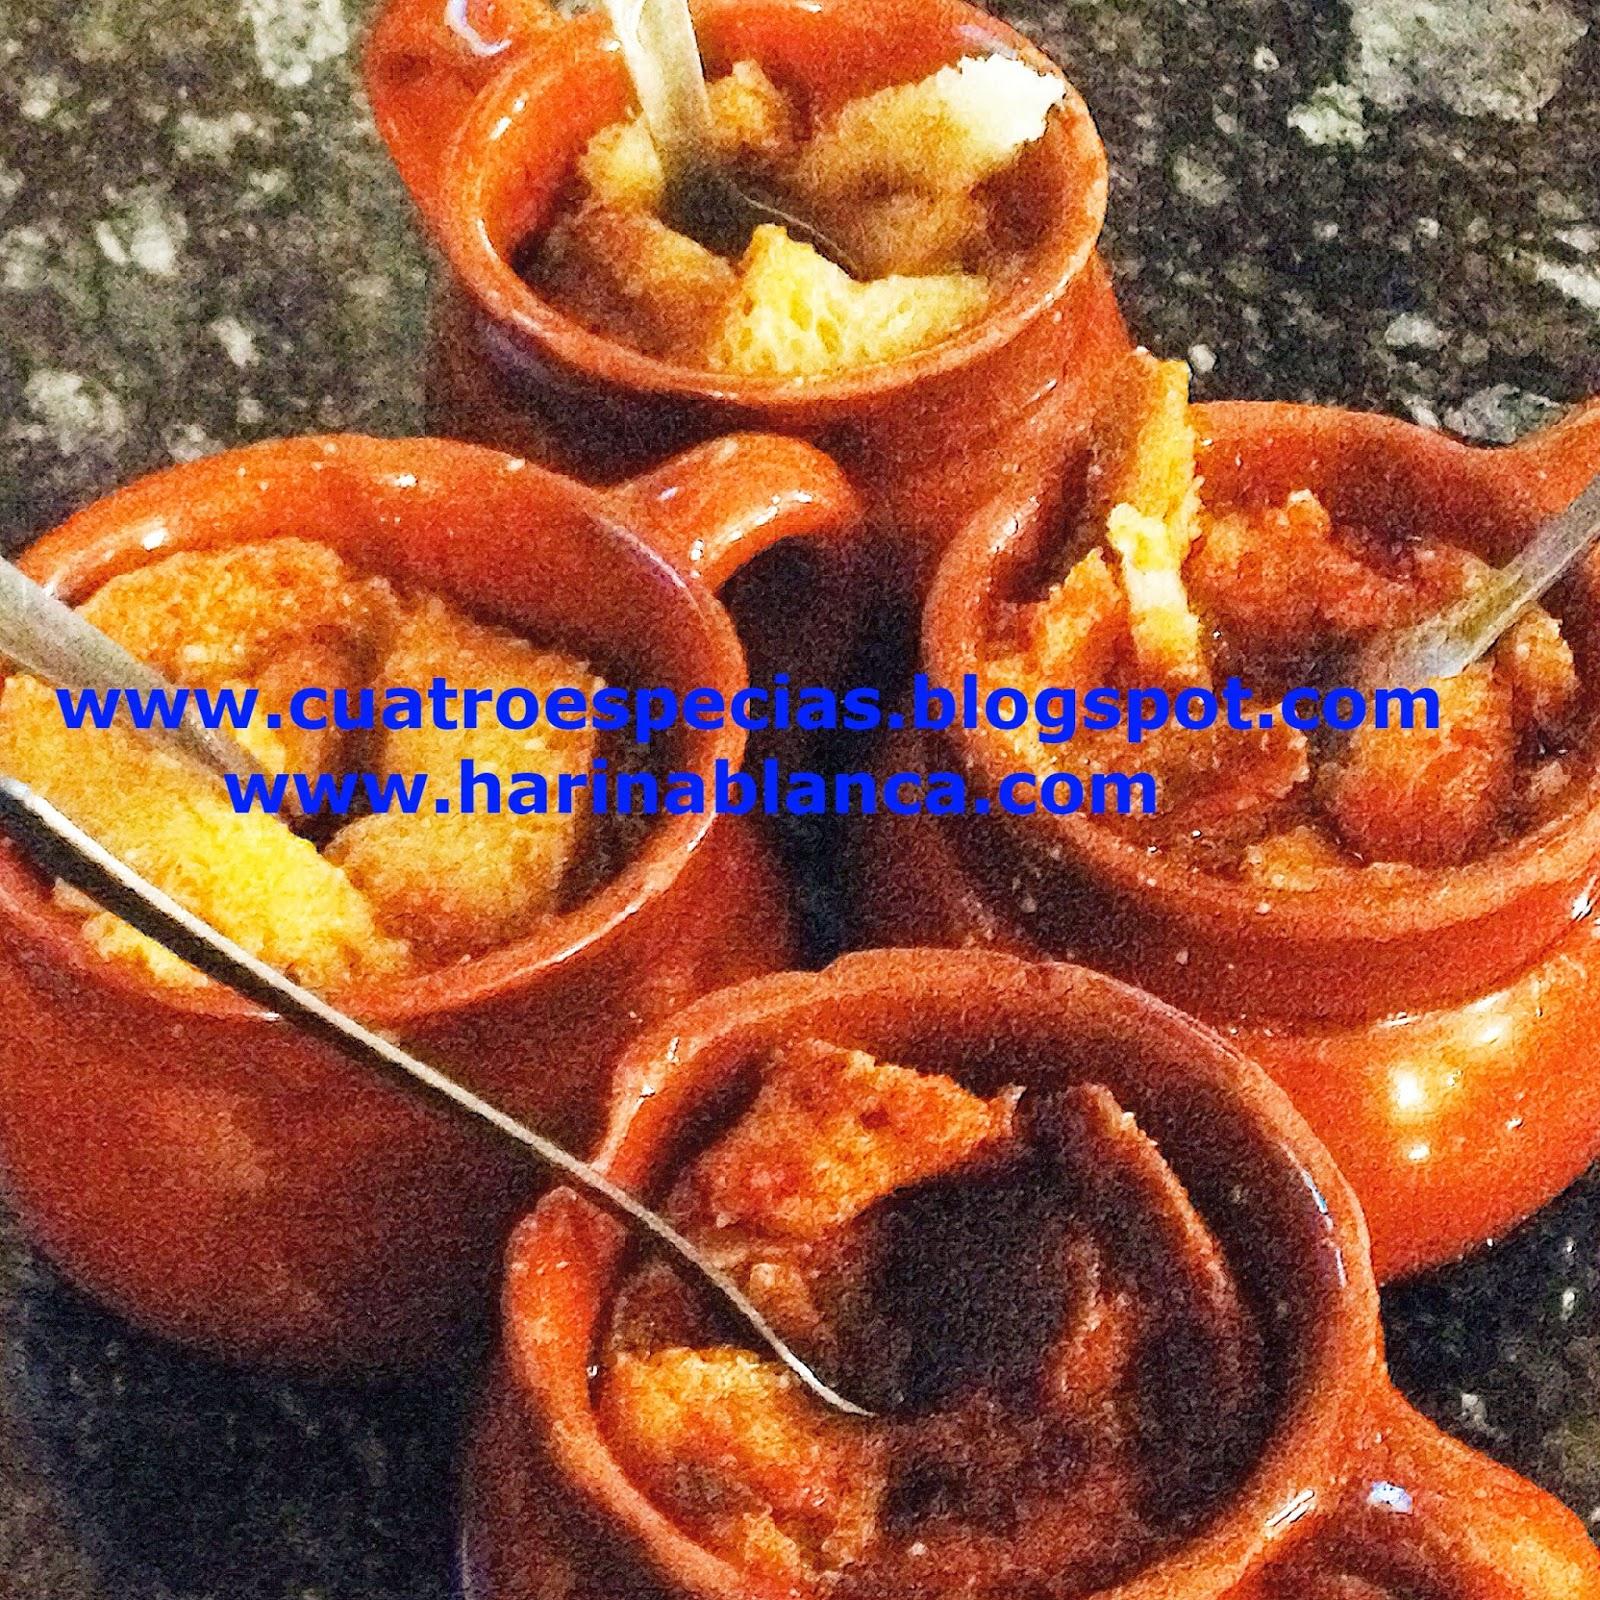 www.cuatroespecias.blogspot.com. sopas de congrio